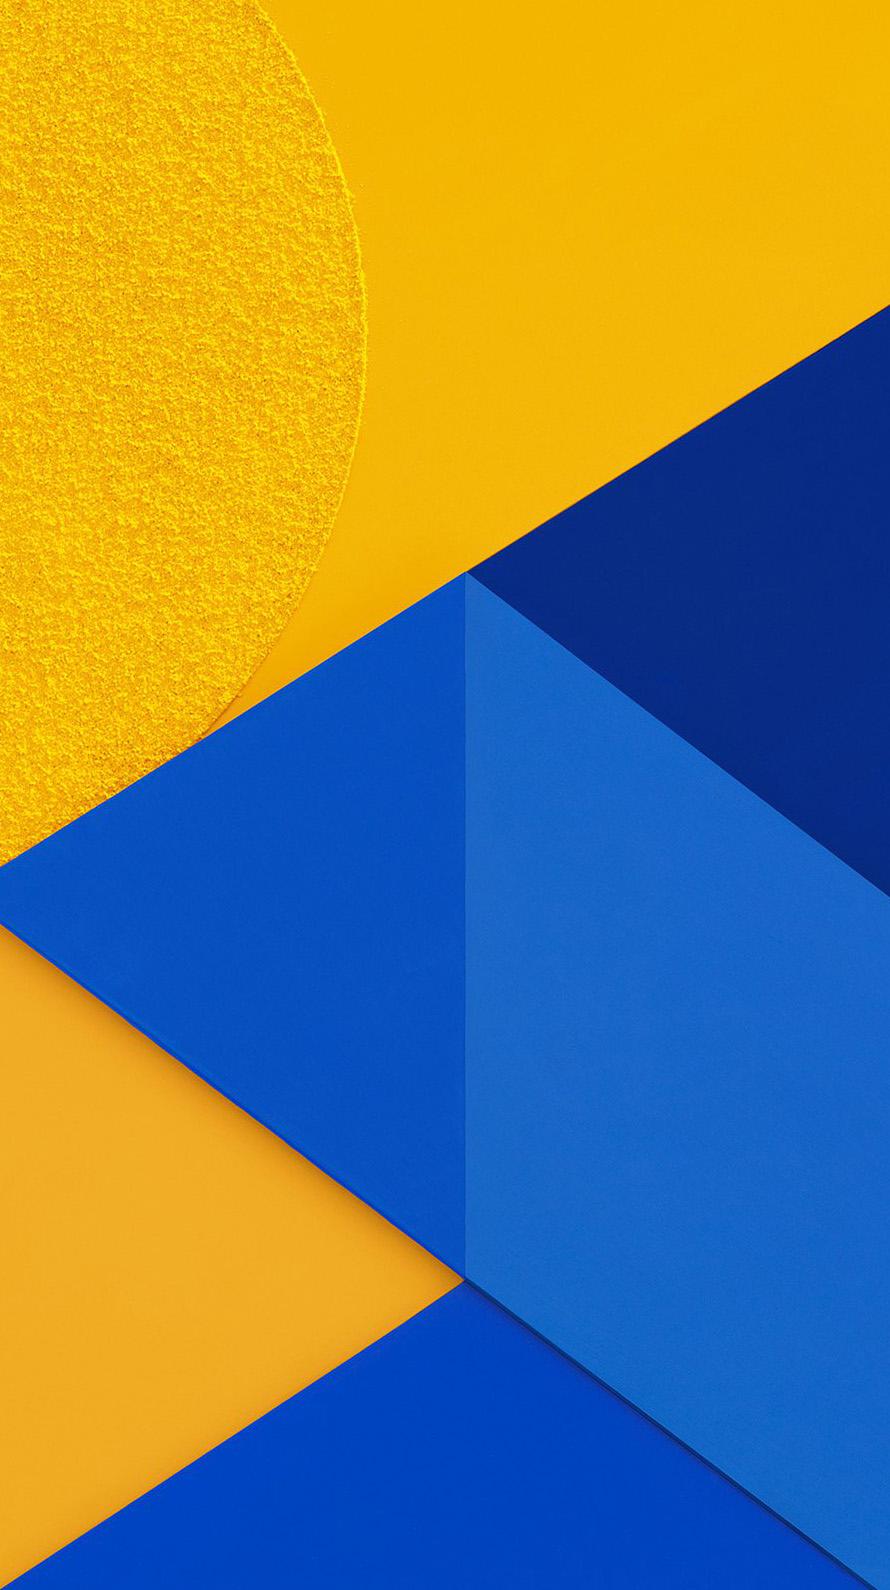 青と黄色の交わるiphone6壁紙 Wallpaperbox